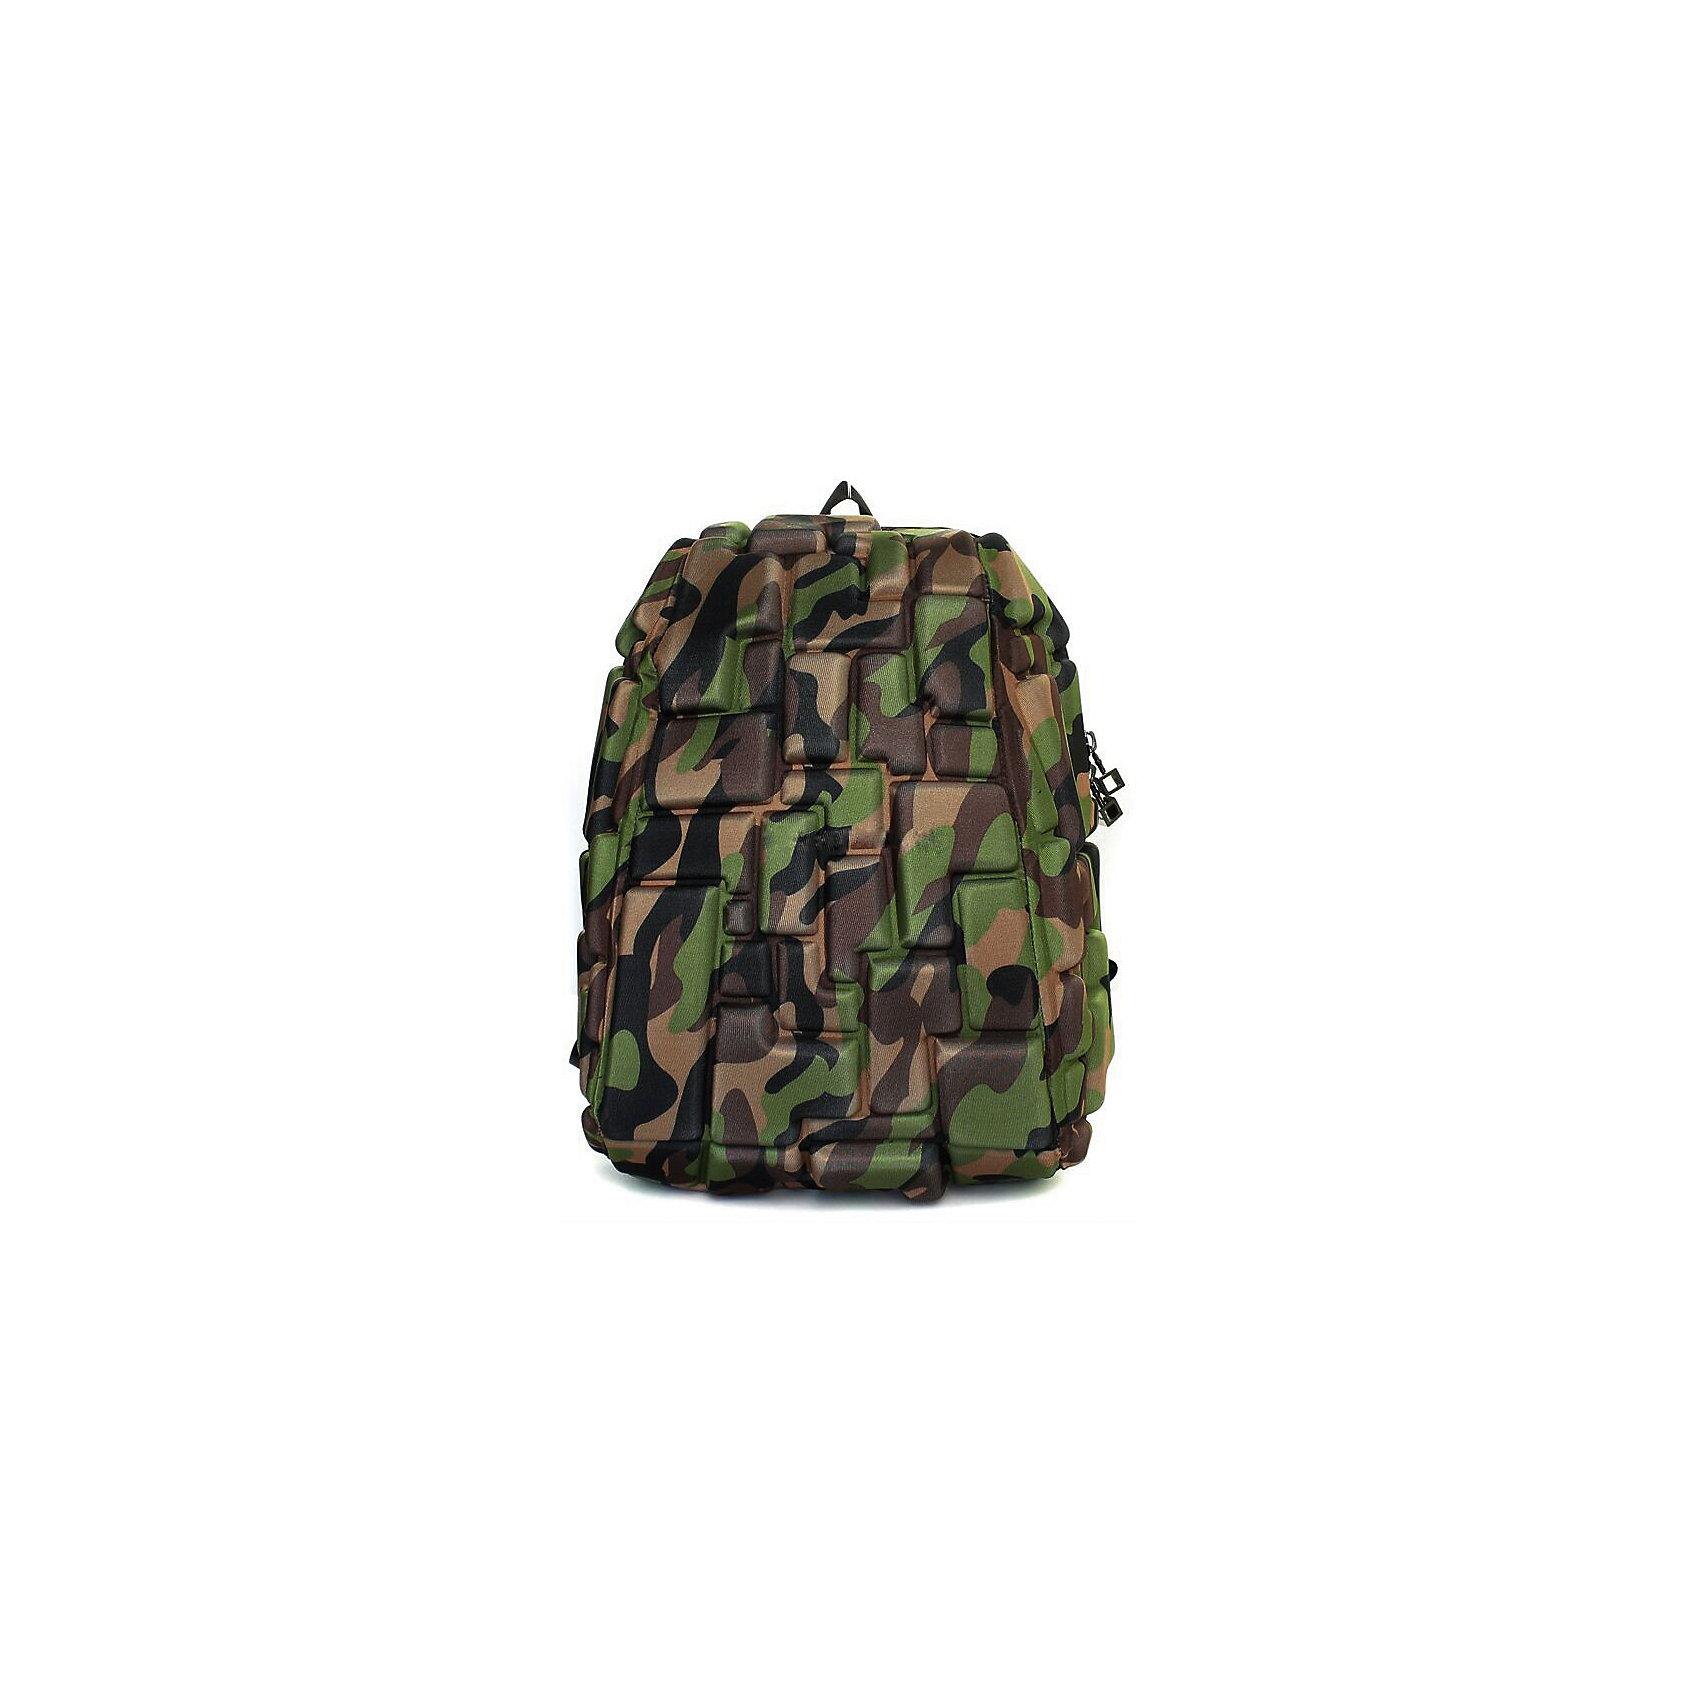 Рюкзак Blok Half, цвет Camo камуфляжРюкзаки<br>Характеристики товара:<br><br>• цвет: Camo камуфляж;<br>• возраст: от 3 лет;<br>• вес: 0,6 кг;<br>• размер: 36х30х15 см;<br>• одно отделение на молнии;<br>• вместительный;<br>• лямки регулируются по высоте;<br>• ортопедическая спинка;<br>• карман - окошко для контактной информации;<br>• материал: полиспандекс;<br>• страна бренда: США;<br>• страна изготовитель: Китай.<br><br>Рюкзаки Madpax отличаются оригинальностью дизайна. Рельефное покрытие рюкзака «Blok Half» напоминает футуристические строительные блоки.<br><br>Он способен вместить практически все вещи владельца, внутри достаточно просторно. Эргономичные ручки дают возможность без лишних усилий переносить тяжелую сумку за спиной. Вентилируемым материал на ортопедической спинке создаст комфорт. Внутри 2 отделения: большое для основных вещей и отделение для папки формата А4 или планшета с диагональю до 13 дюймов. Этот рюкзак придаст индивидуальность его владельцу.<br><br>Рюкзак Madpax «Blok Half» можно купить в нашем интернет-магазине.<br><br>Ширина мм: 360<br>Глубина мм: 300<br>Высота мм: 150<br>Вес г: 600<br>Возраст от месяцев: 36<br>Возраст до месяцев: 720<br>Пол: Унисекс<br>Возраст: Детский<br>SKU: 7054111